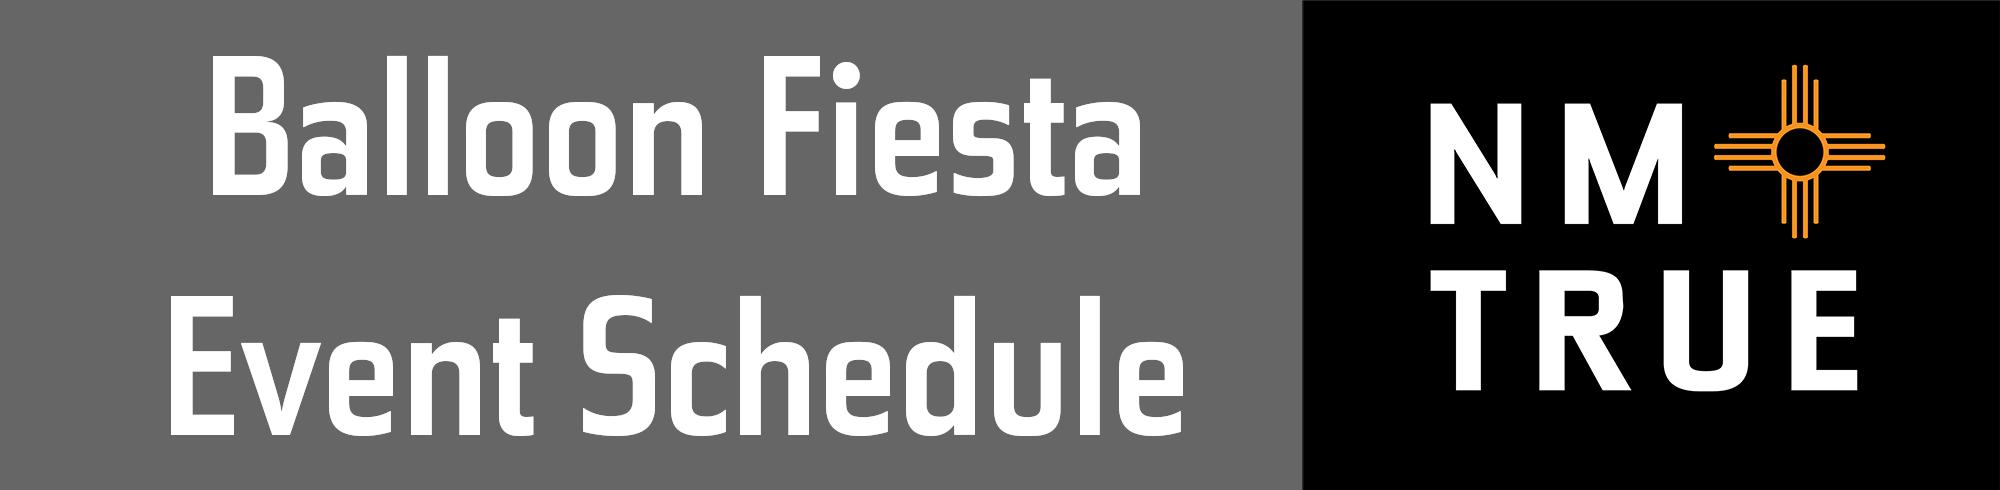 Balloon Fiesta Schedule Banner